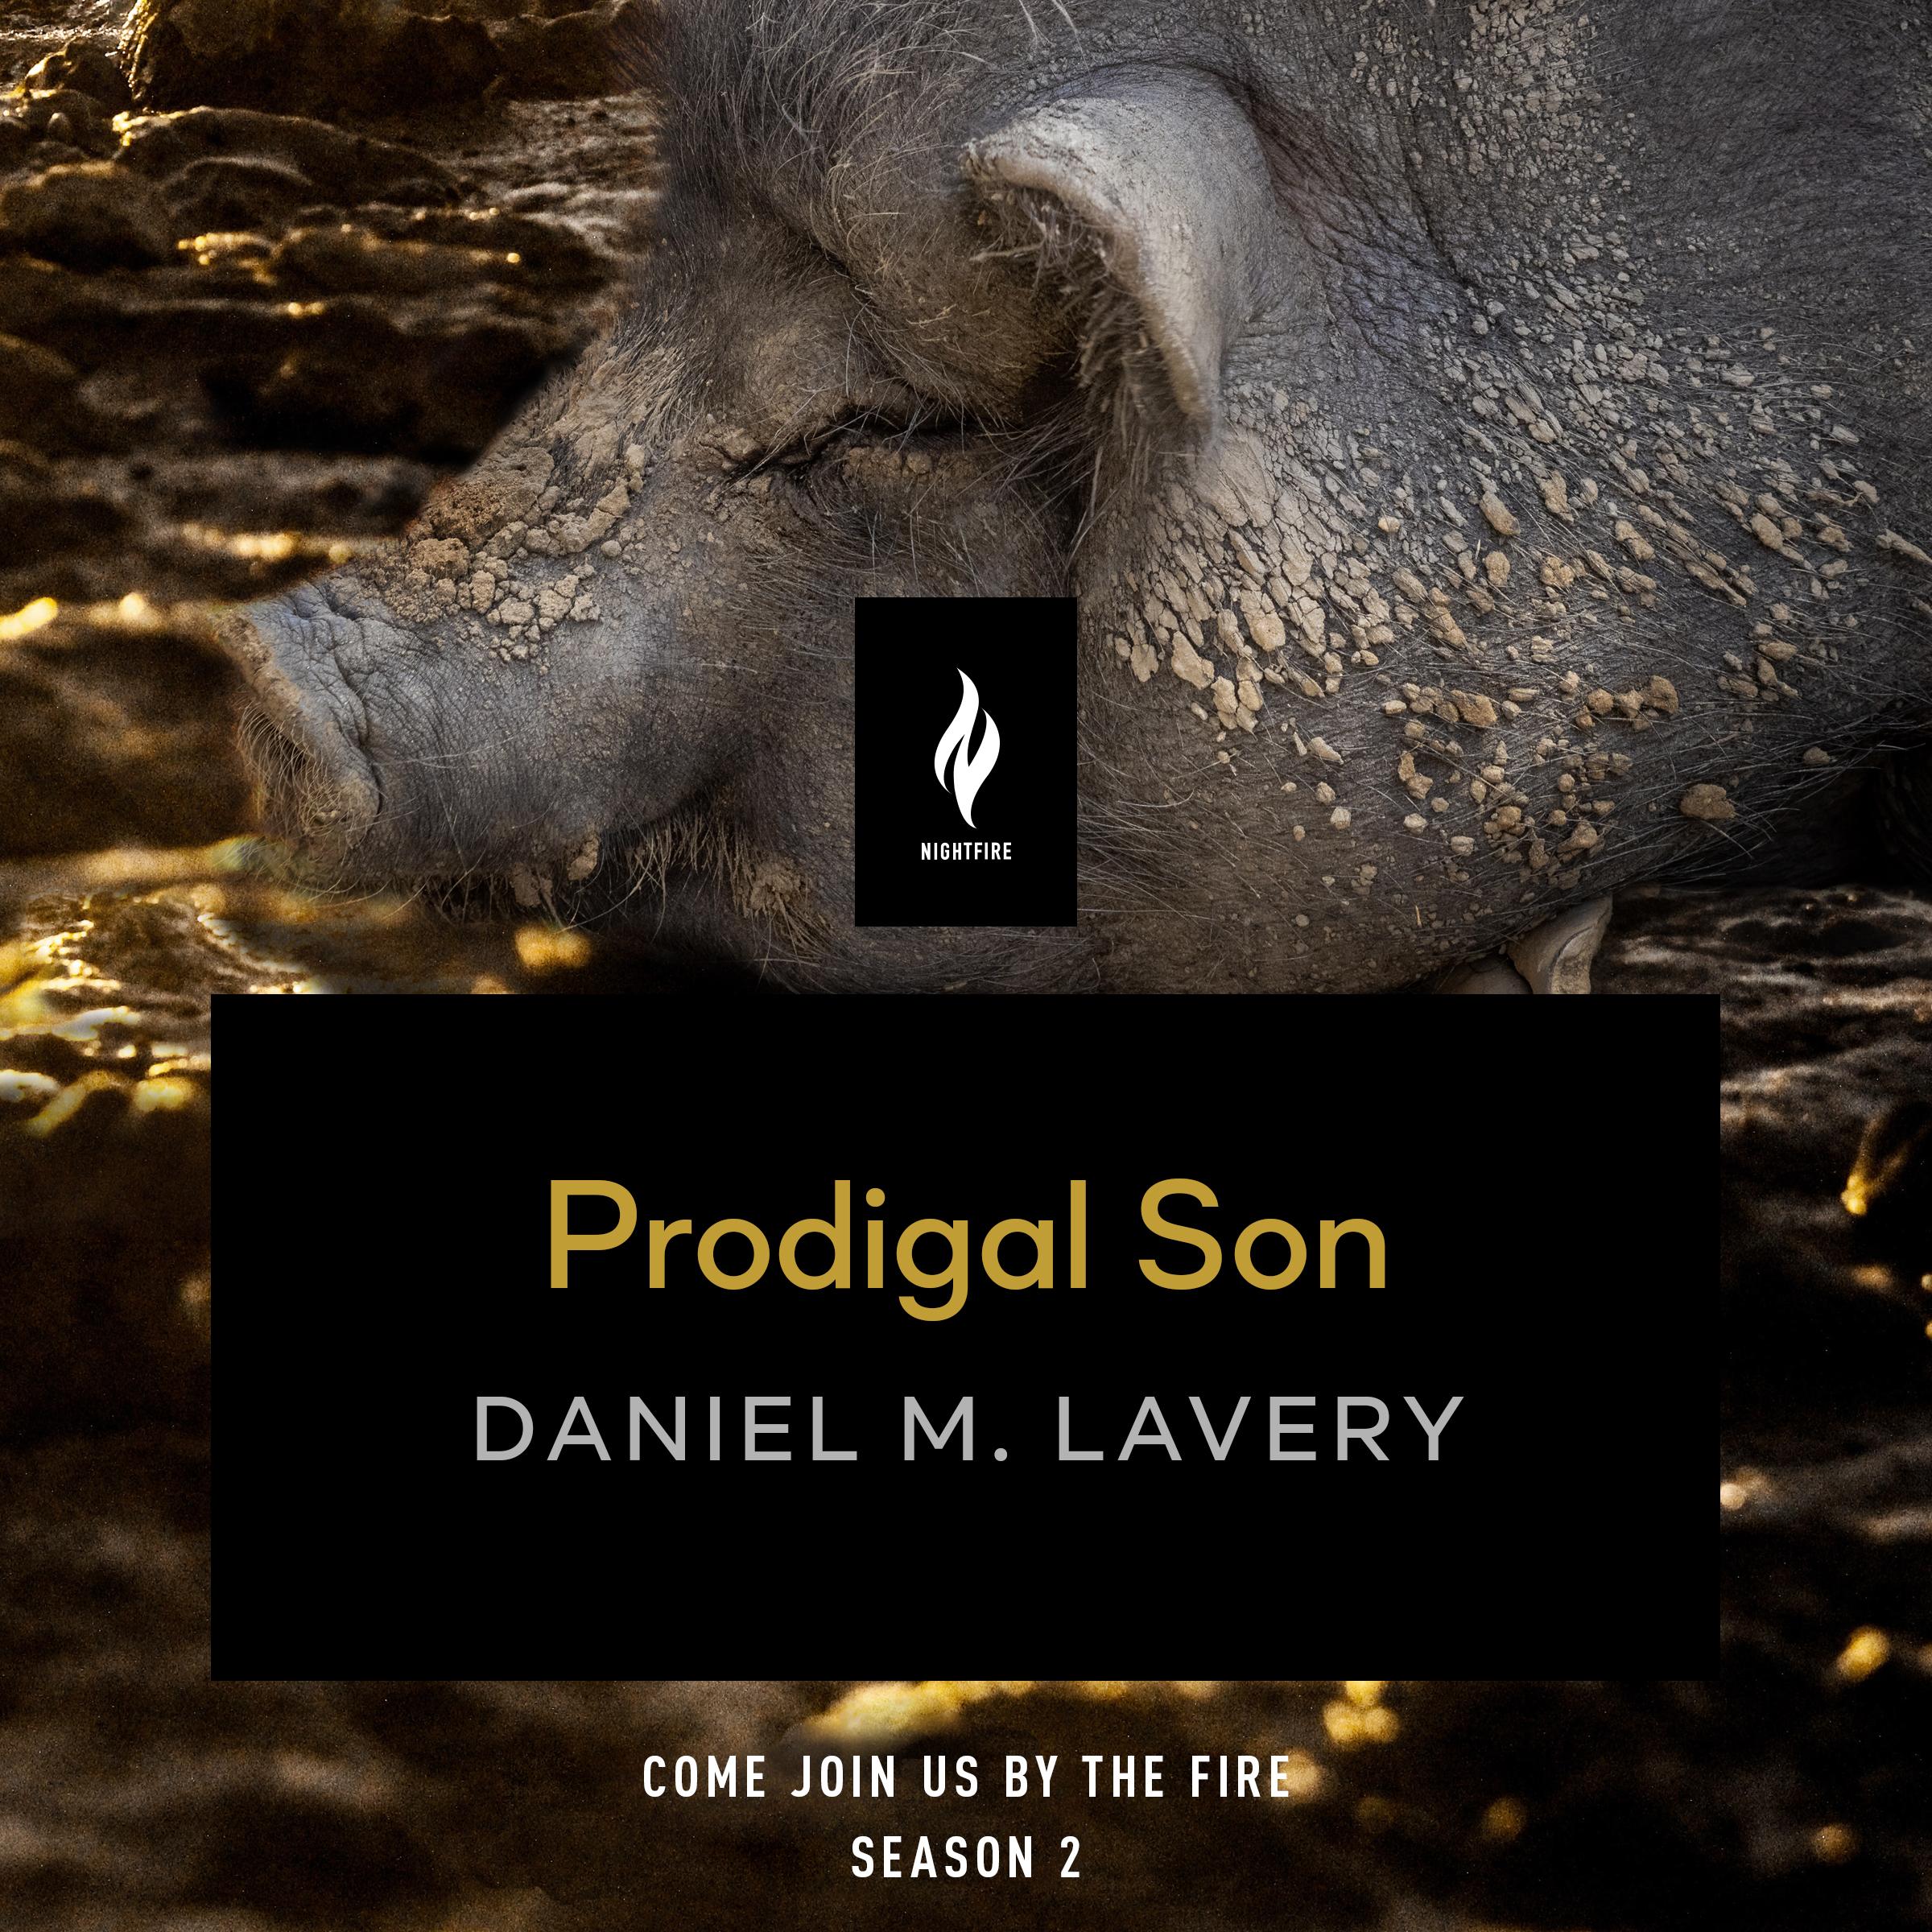 ProdigalSon_Lavery